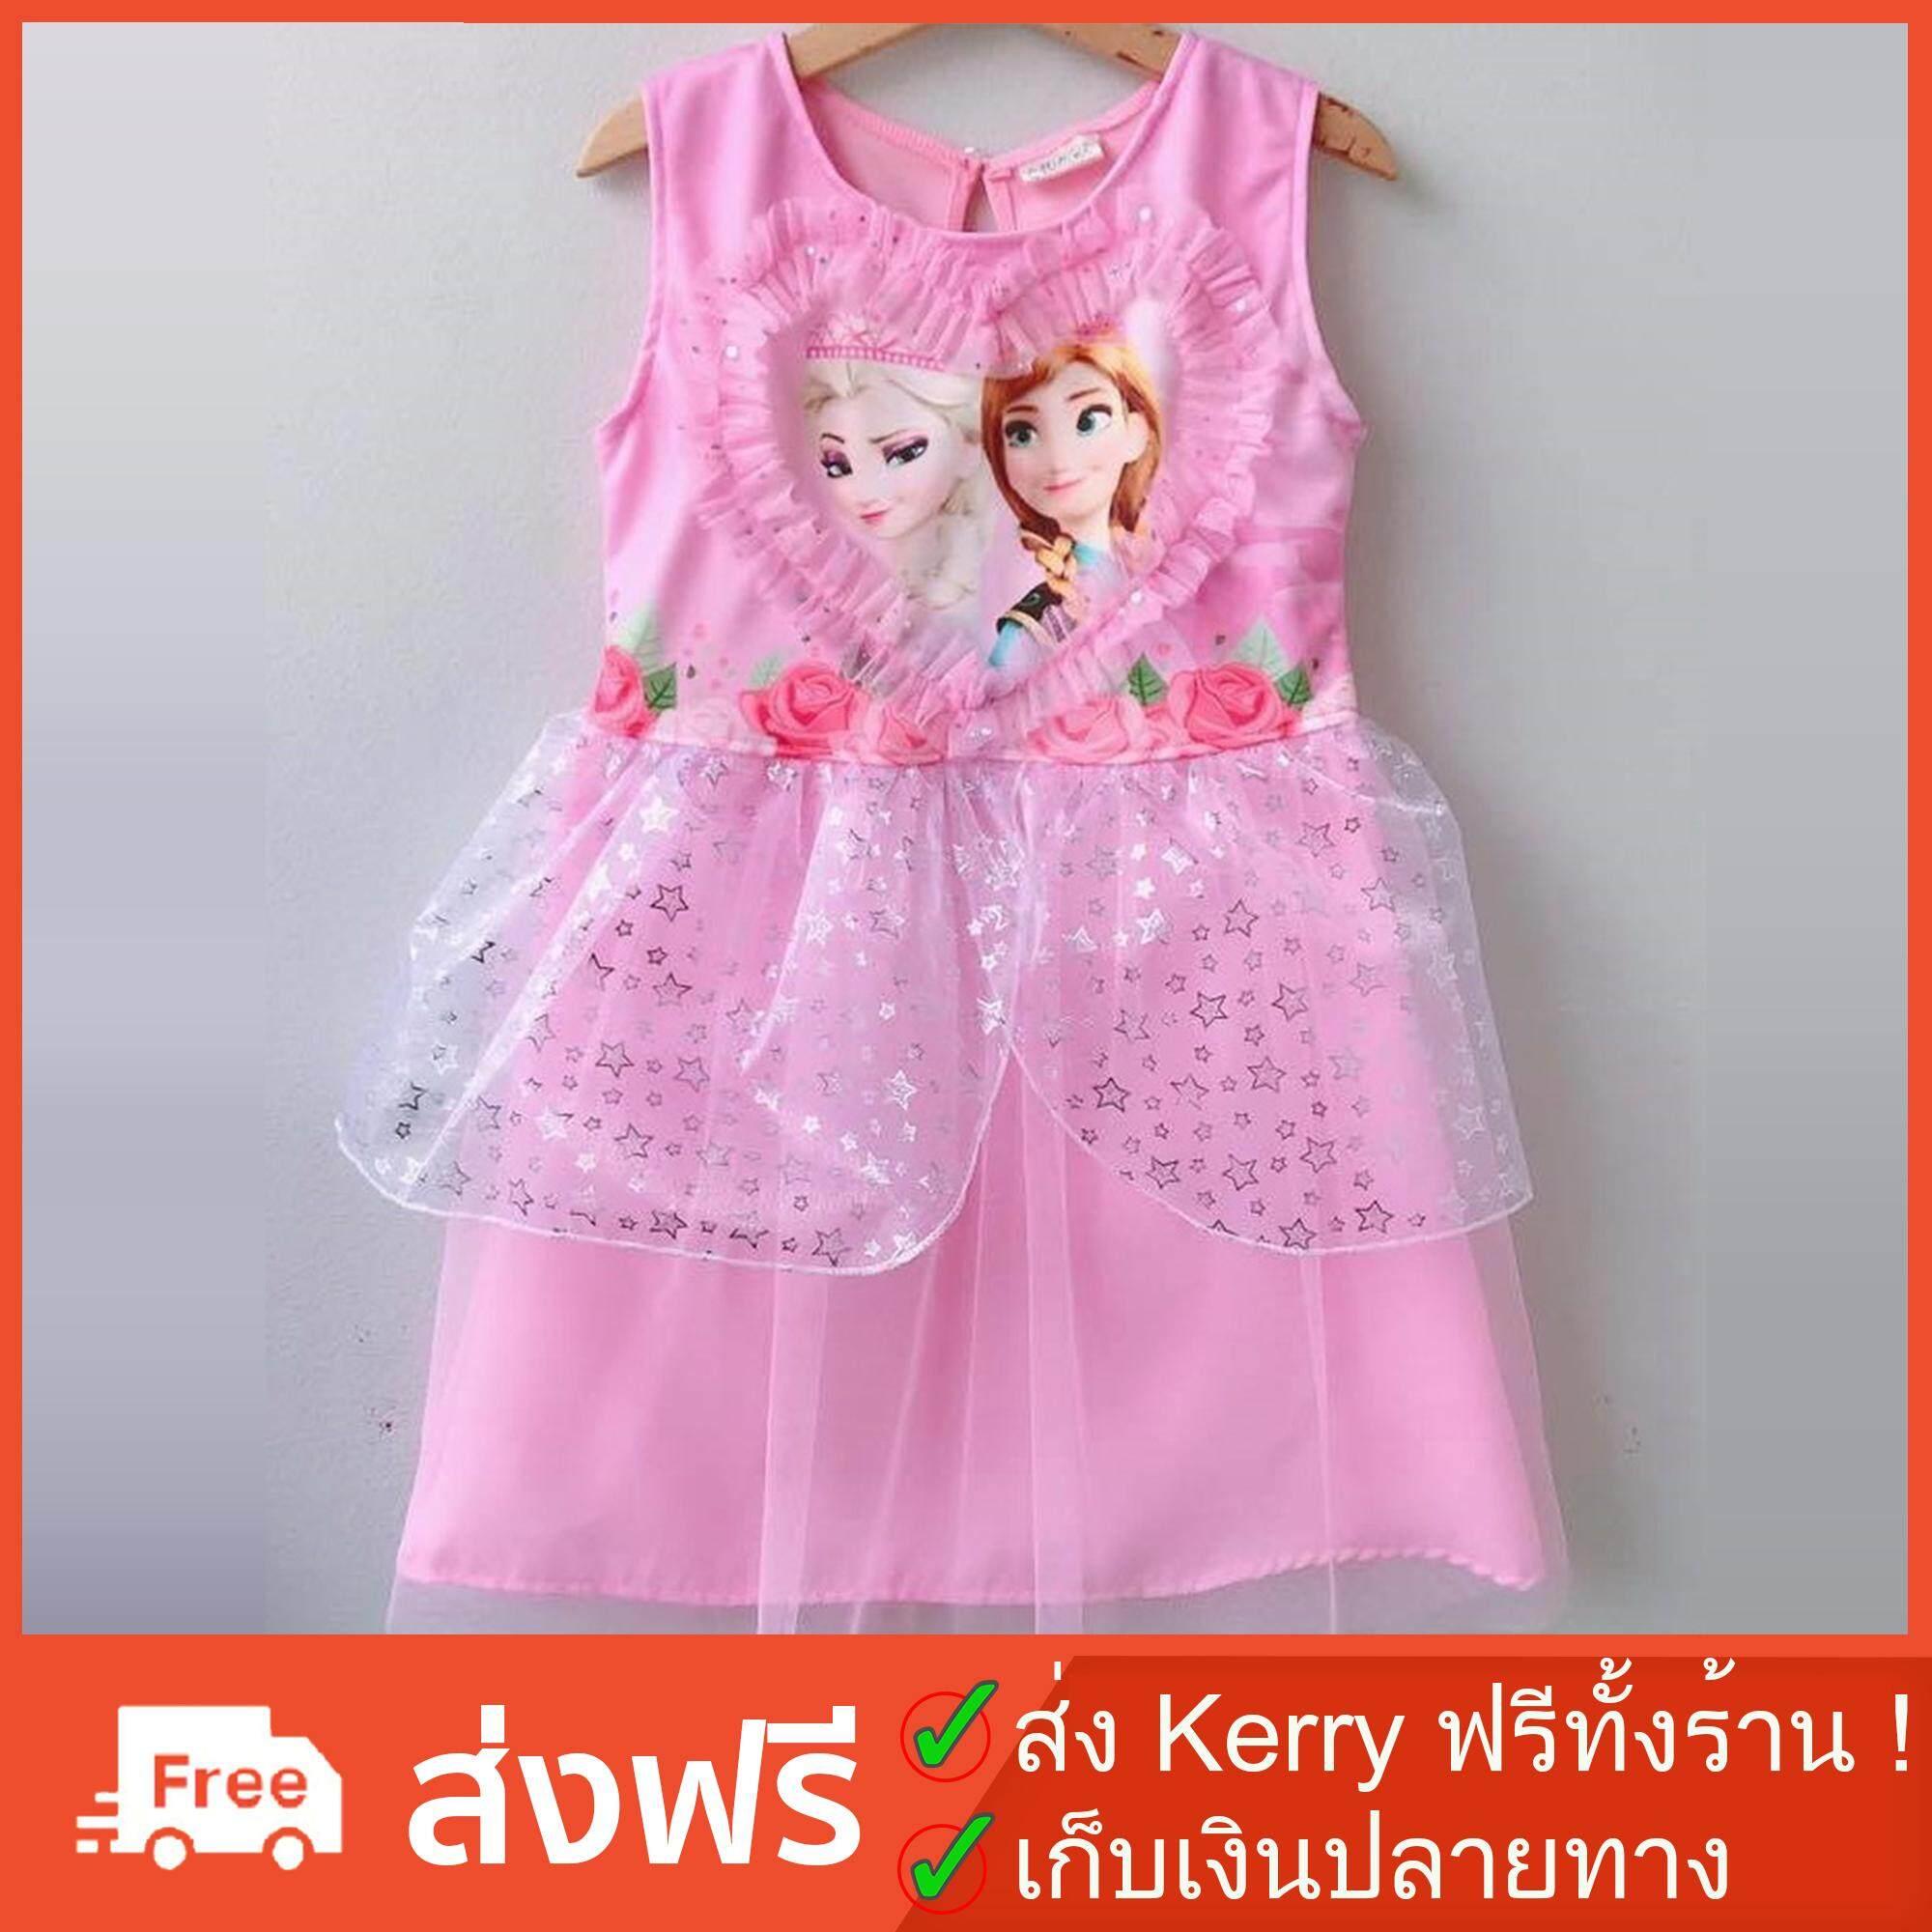 ส่ง Kerry ฟรีทั้งร้าน !! ชุดเด็กผู้หญิง ชุดเจ้าหญิง เดรสเอลซ่าแต่งหัวใจ กระโปรงผ้ามุ้งลายกาแลคซี่